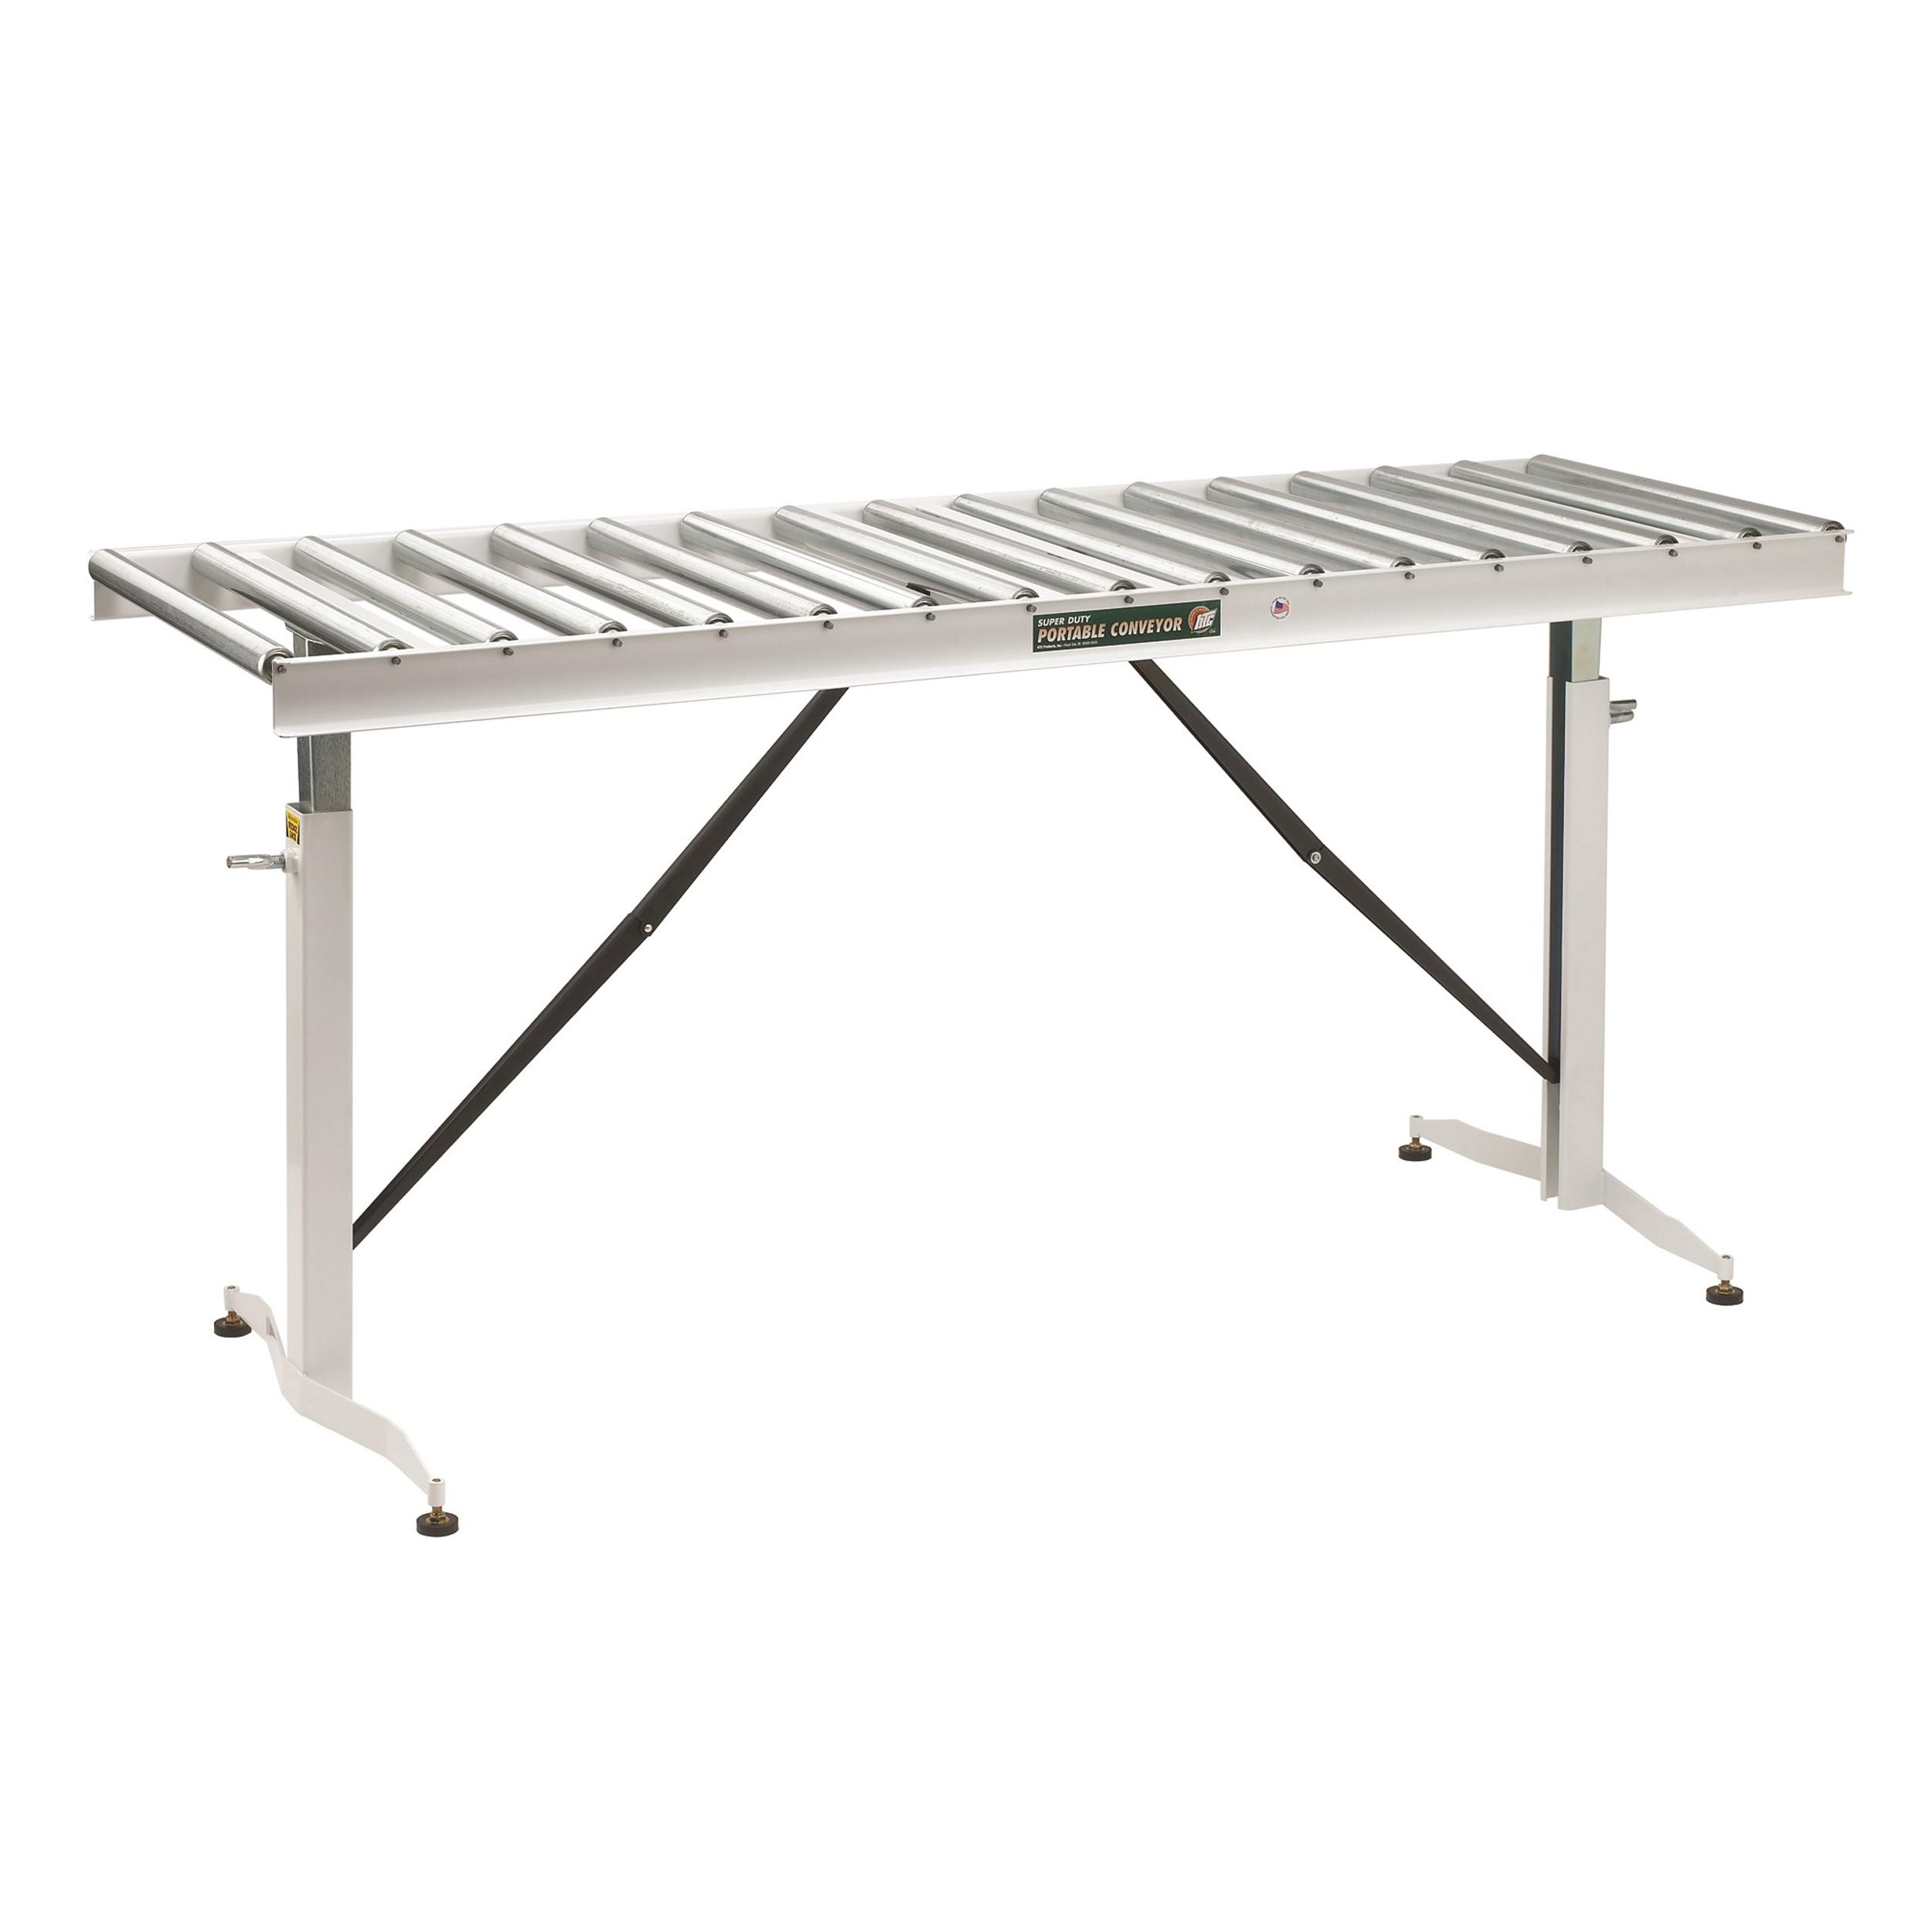 Adjustable Folding Roller Conveyor Table, 66